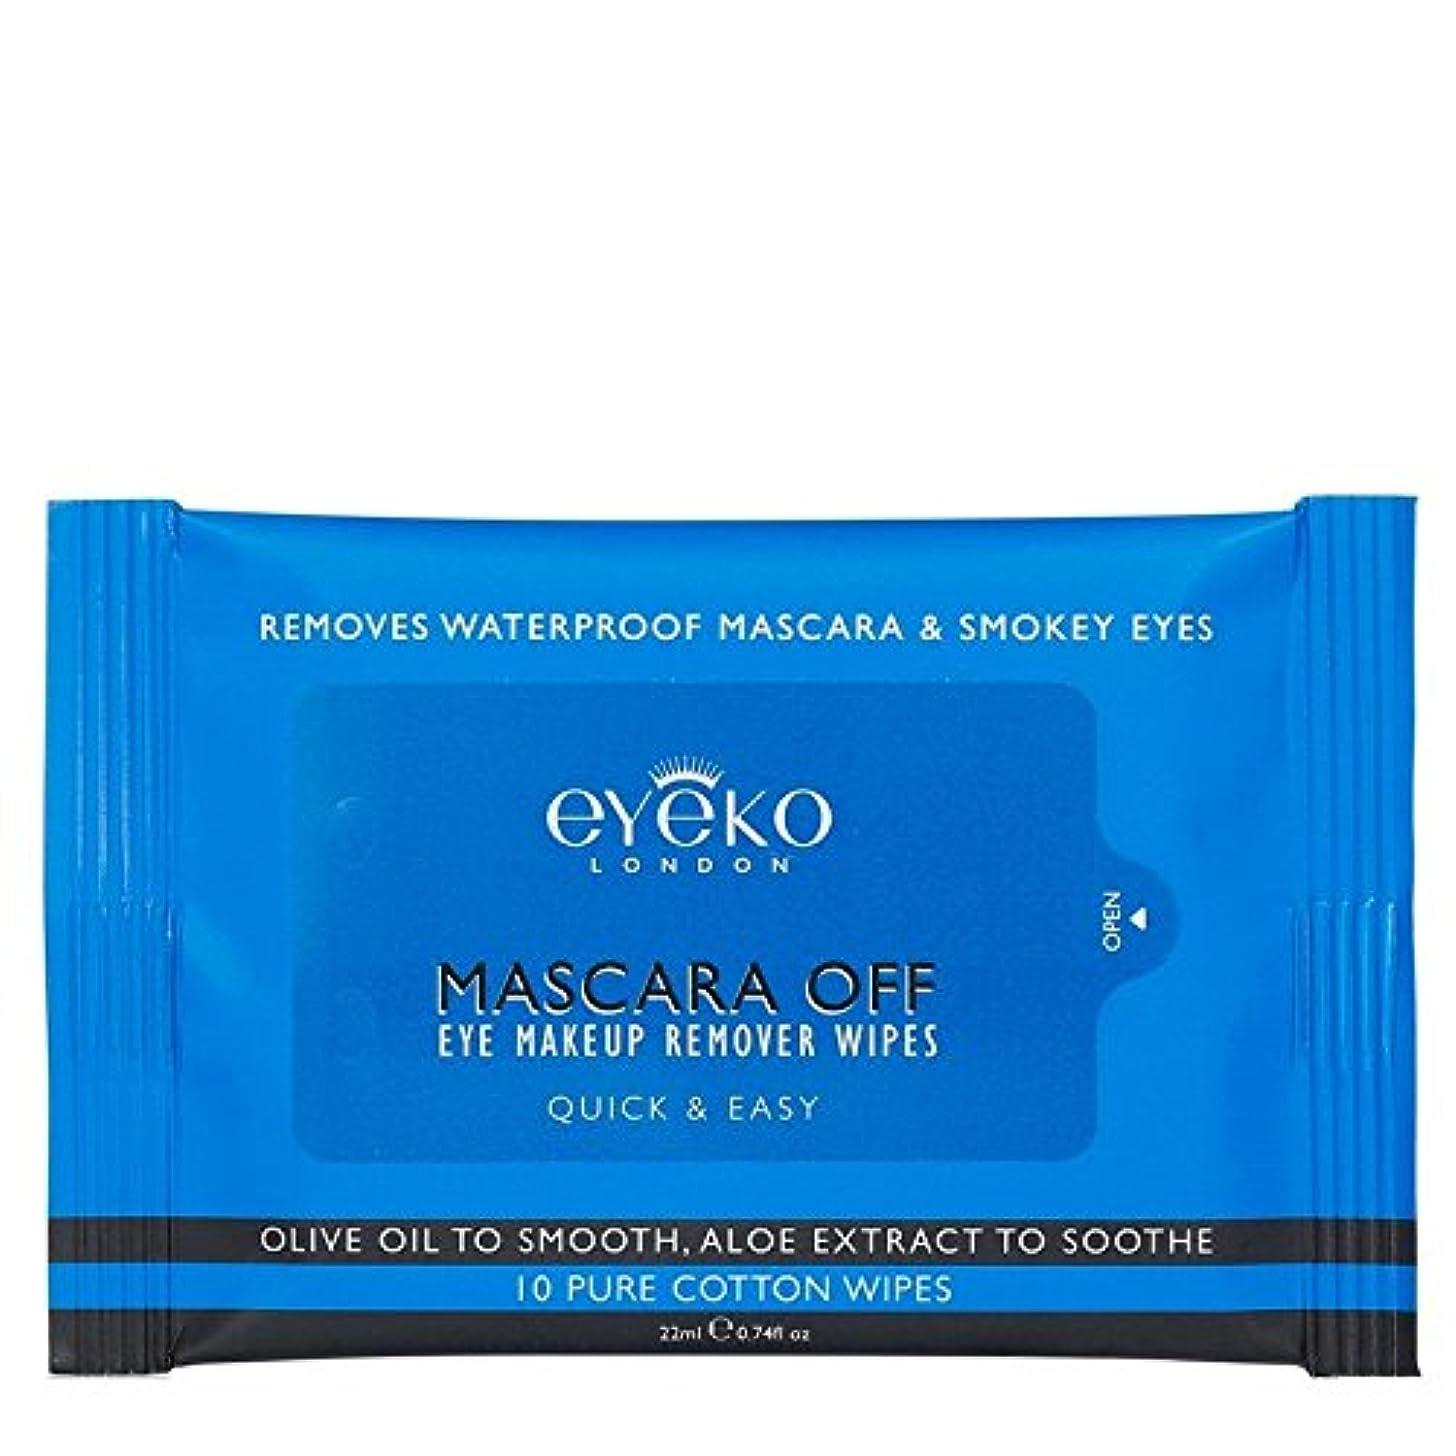 ぬれた輝く区画マスカラオフパックあたり10ワイプ x2 - Eyeko Mascara off Wipes 10 per pack (Pack of 2) [並行輸入品]